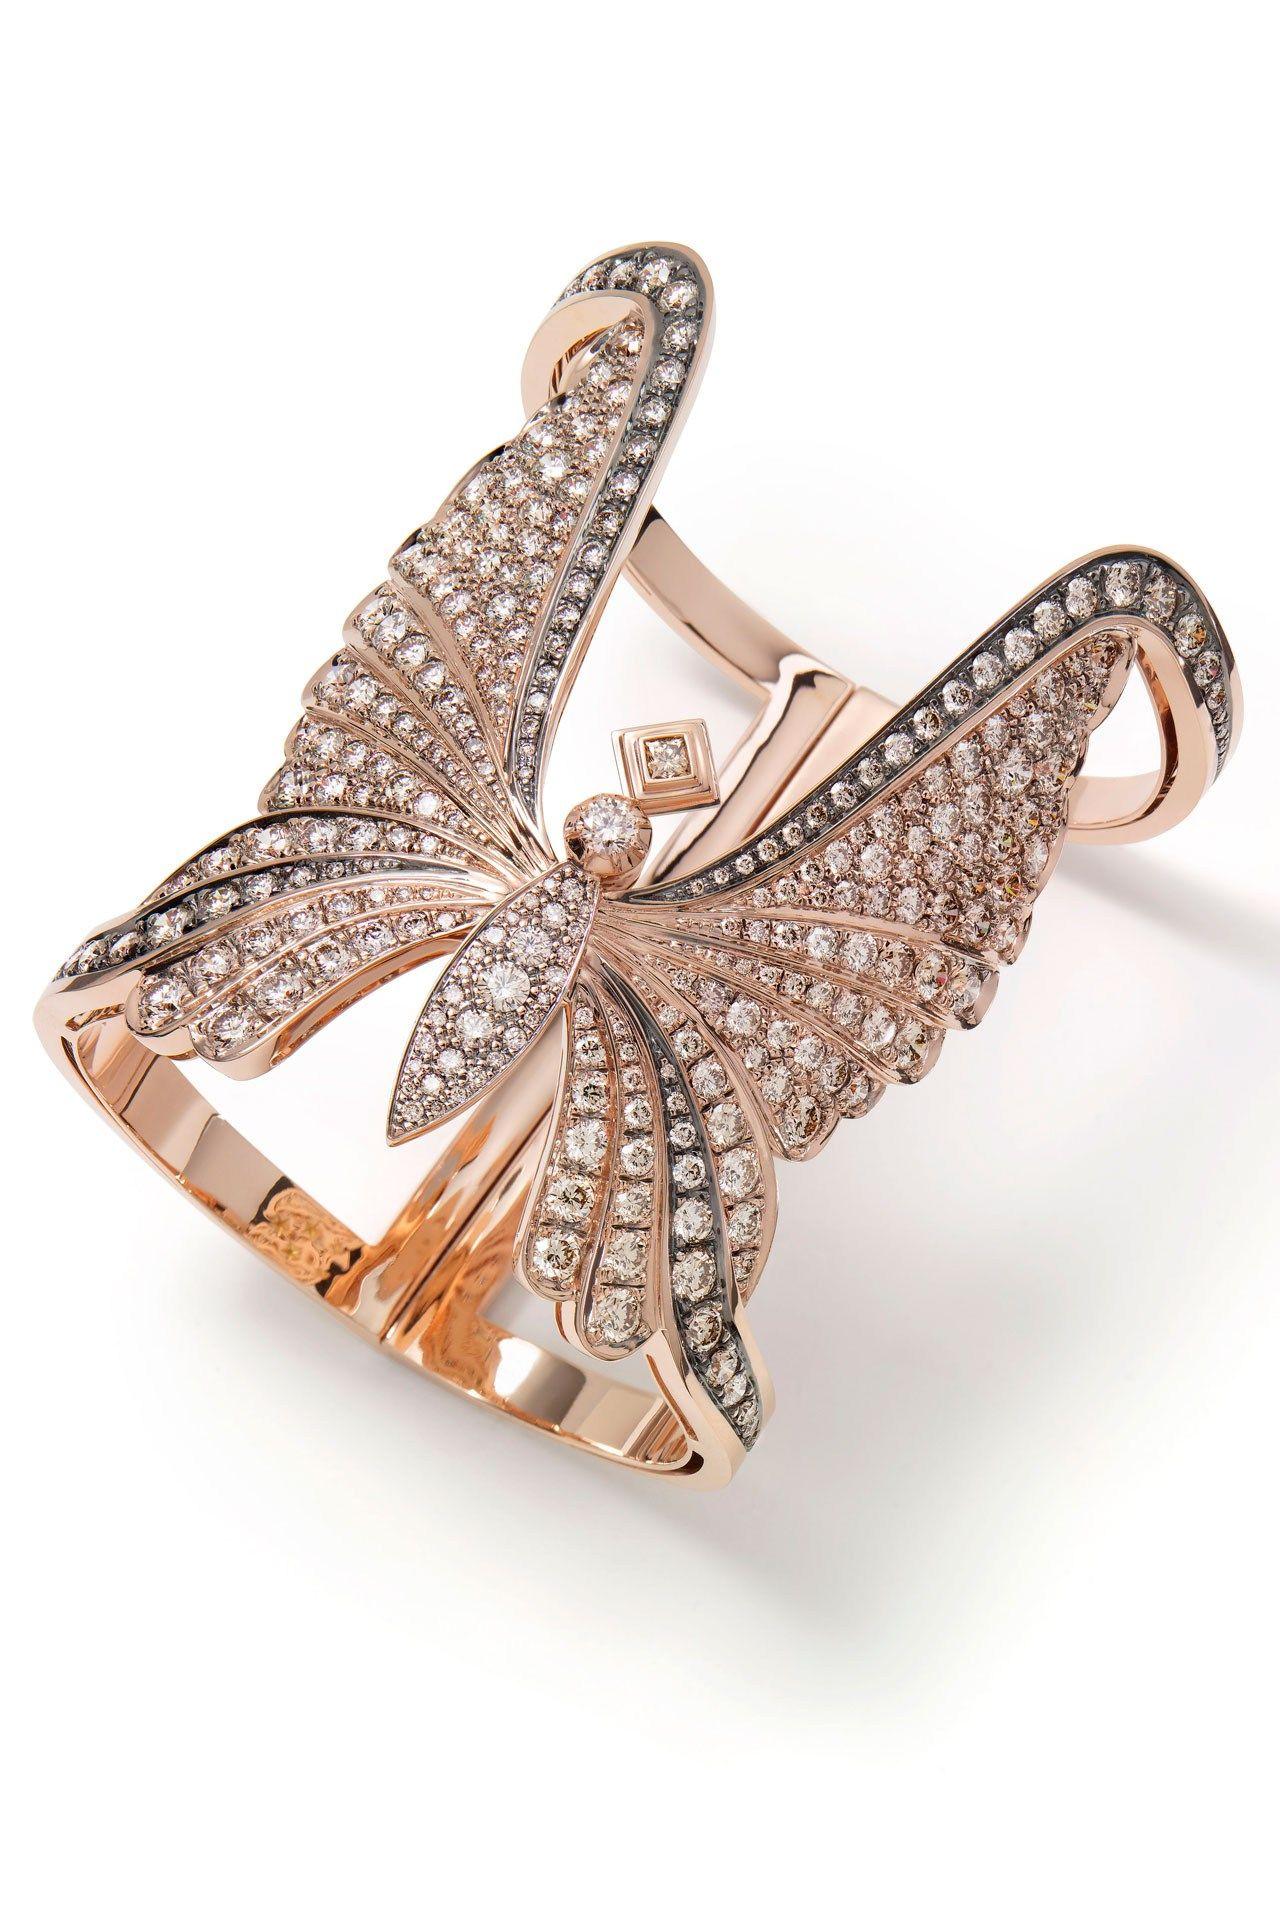 Suzy menkes nature takes geometric wing diamond rose and bracelets